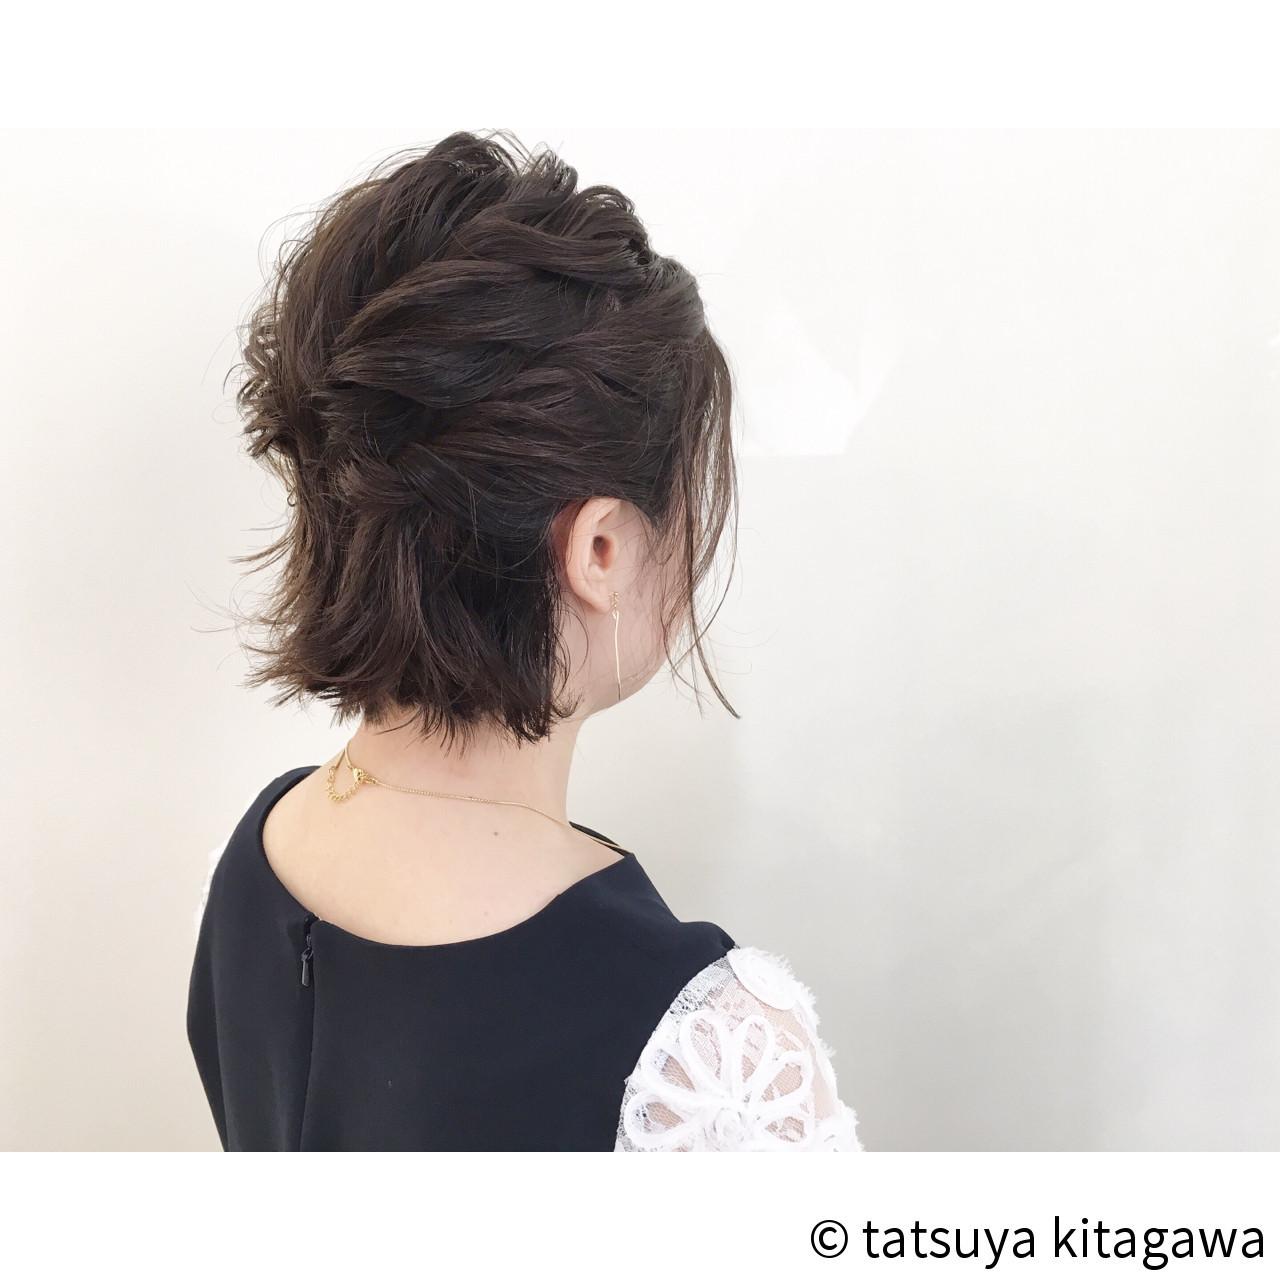 学生さんたちにおすすめ!学校で目立てるおすすめボブアレンジ tatsuya kitagawa